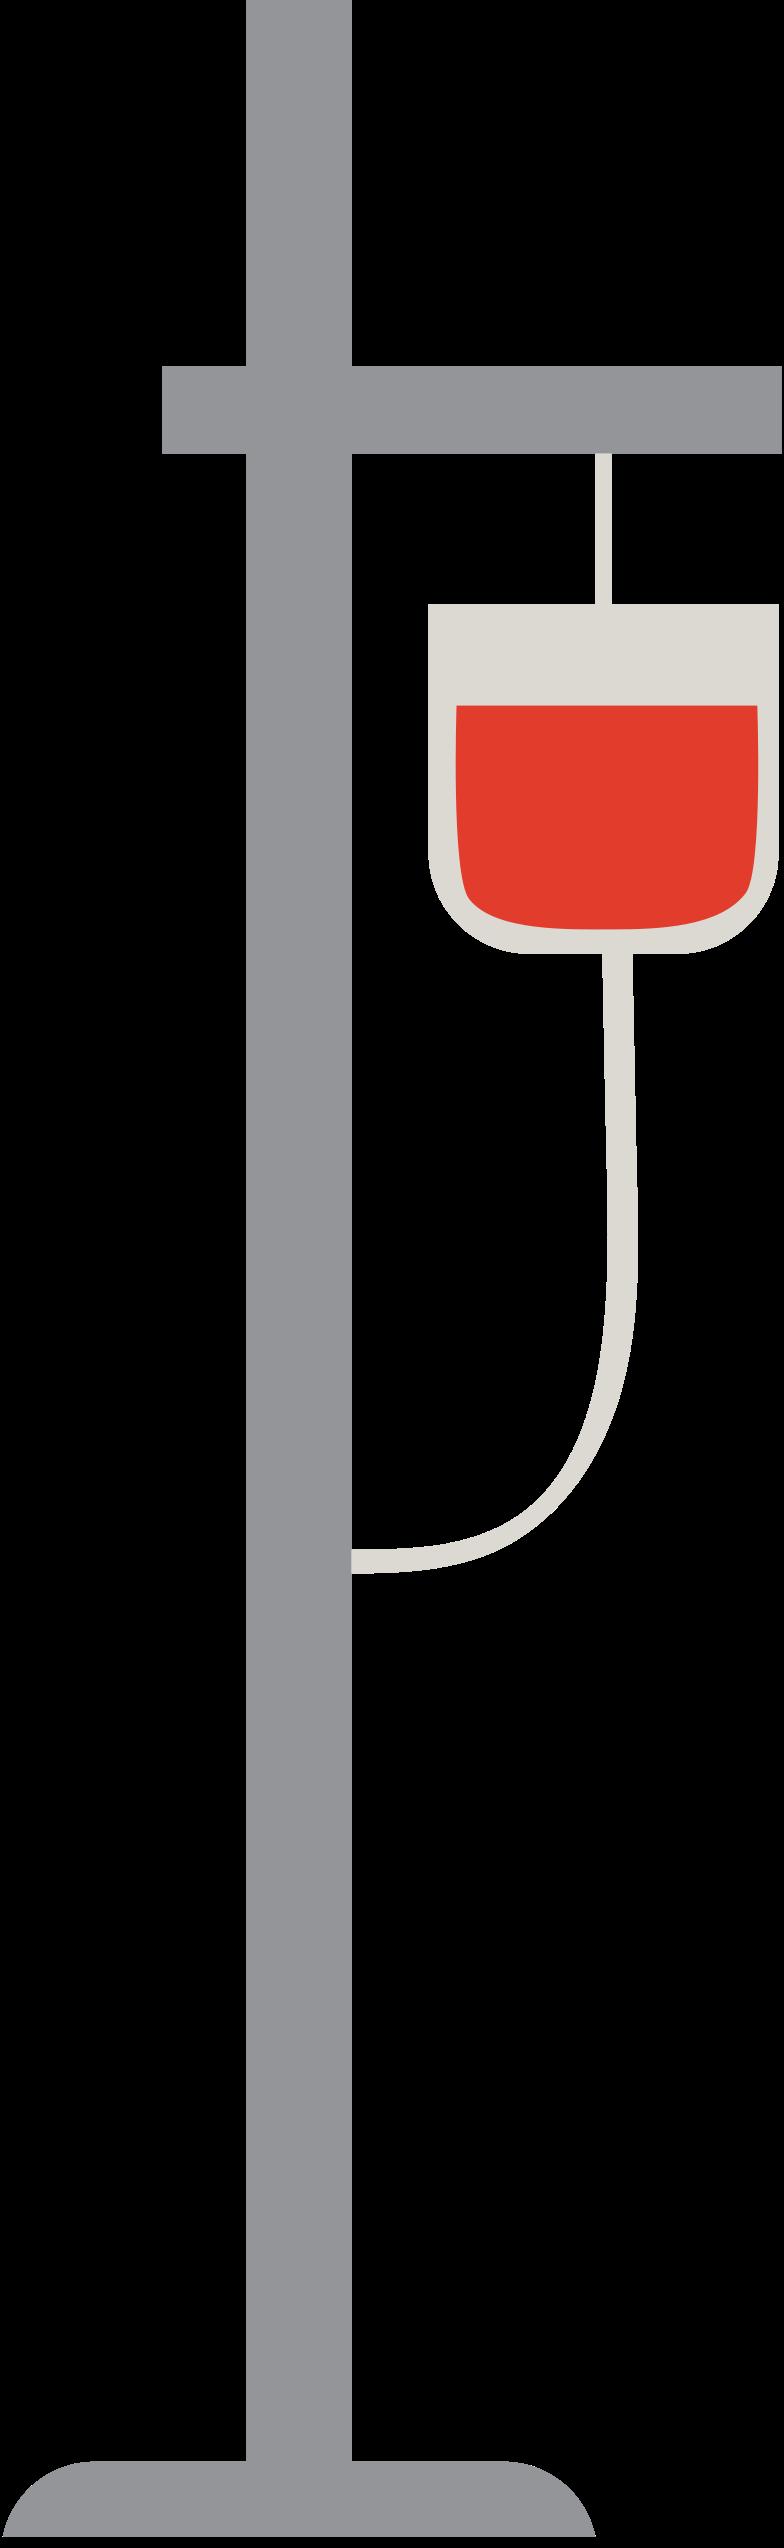 dropper Clipart illustration in PNG, SVG